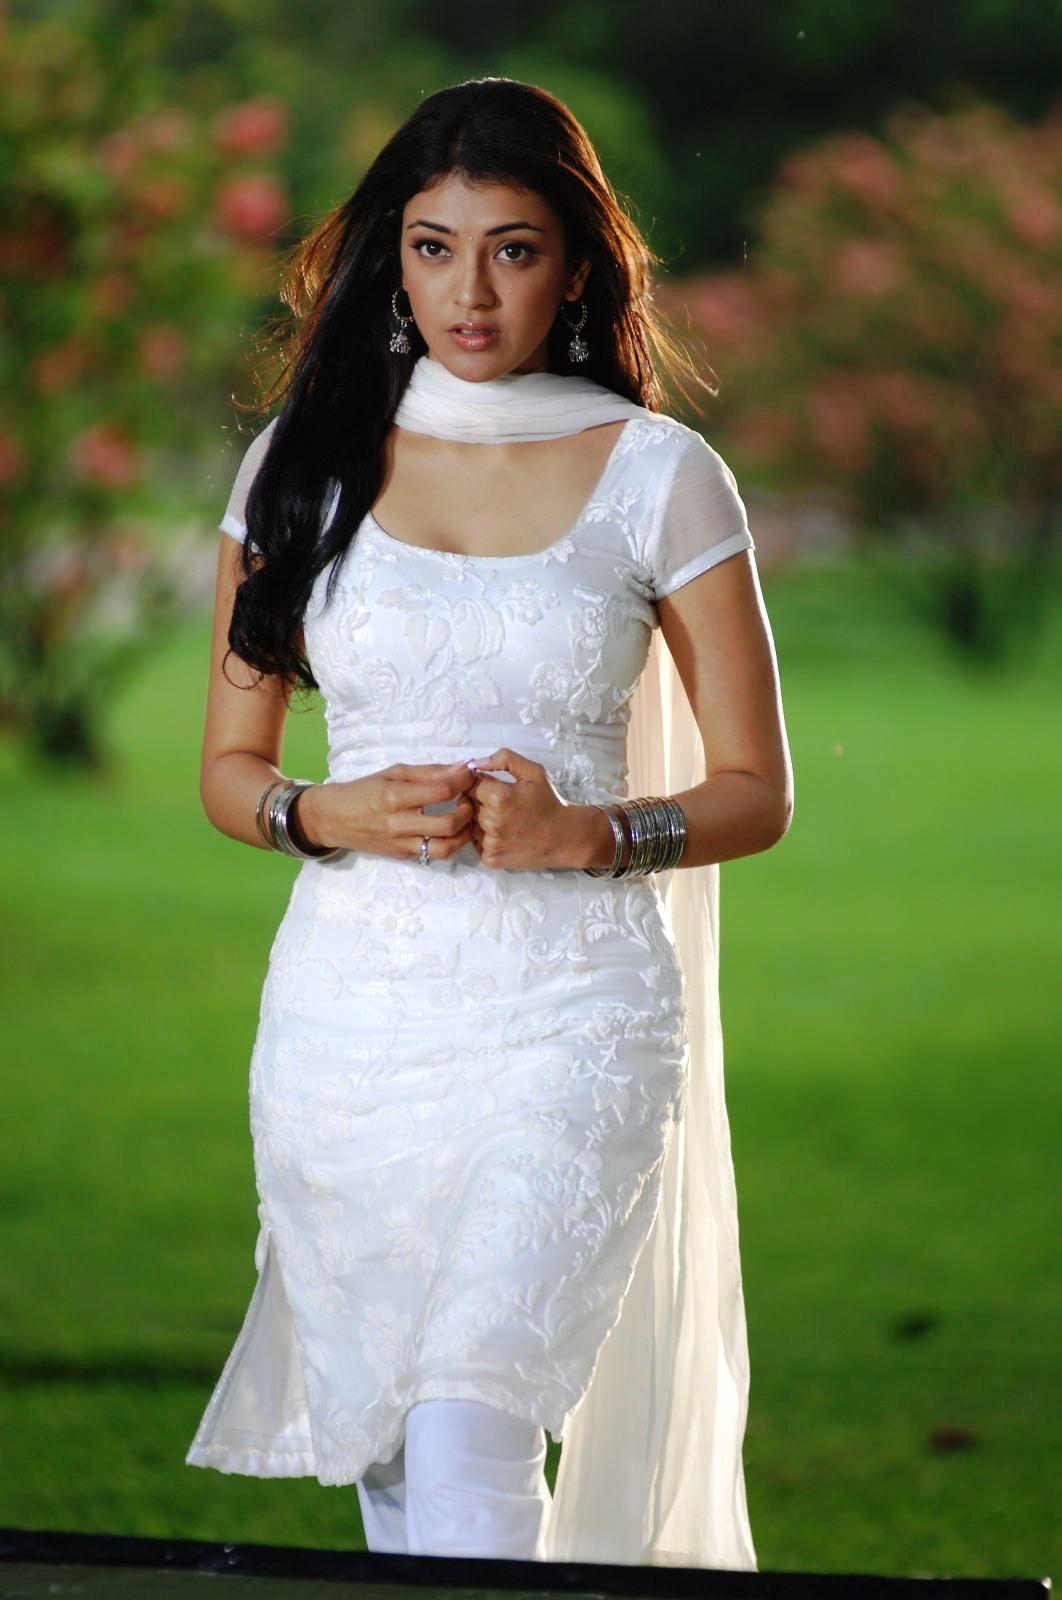 kajal in white chudidar dress